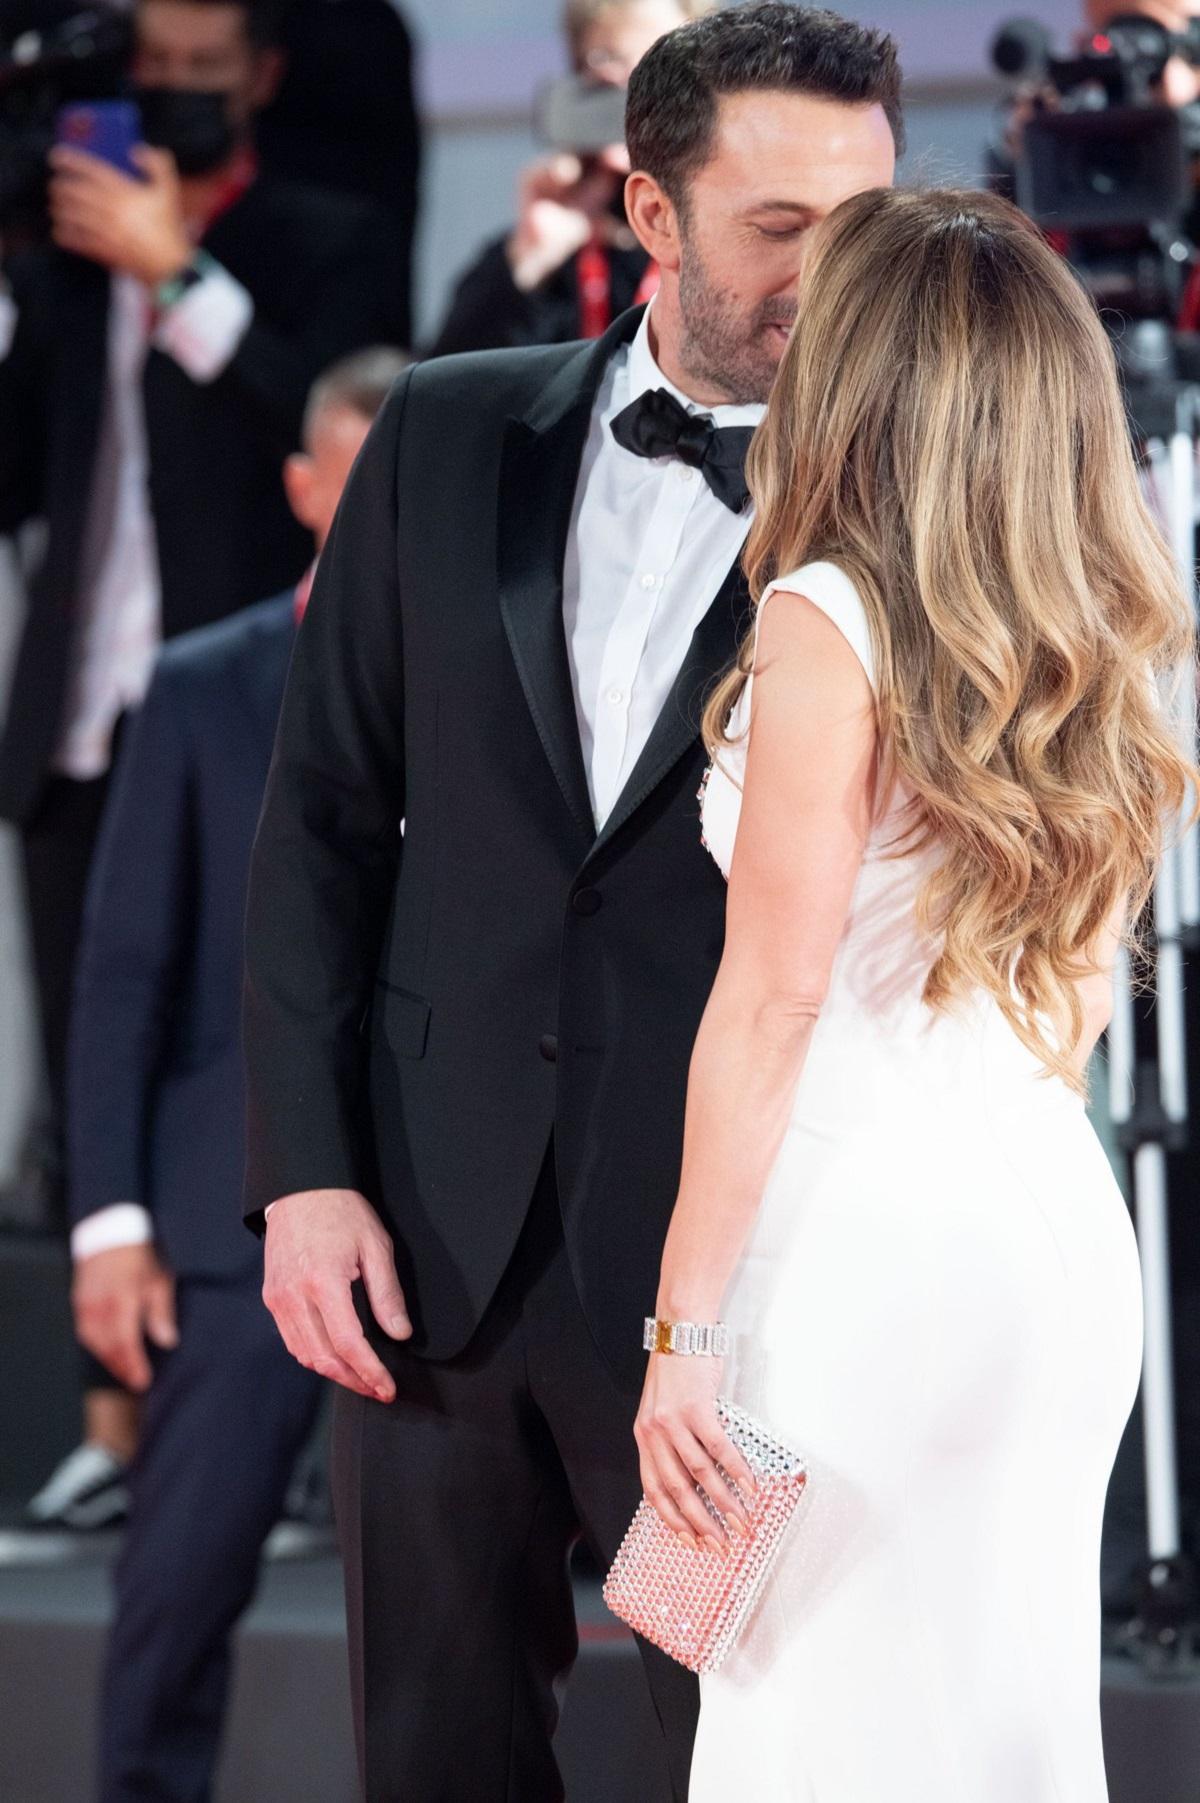 Ben Affleck în smoching negru în timp ce o sărută pe Jennifer Lopez pe covorul roșu